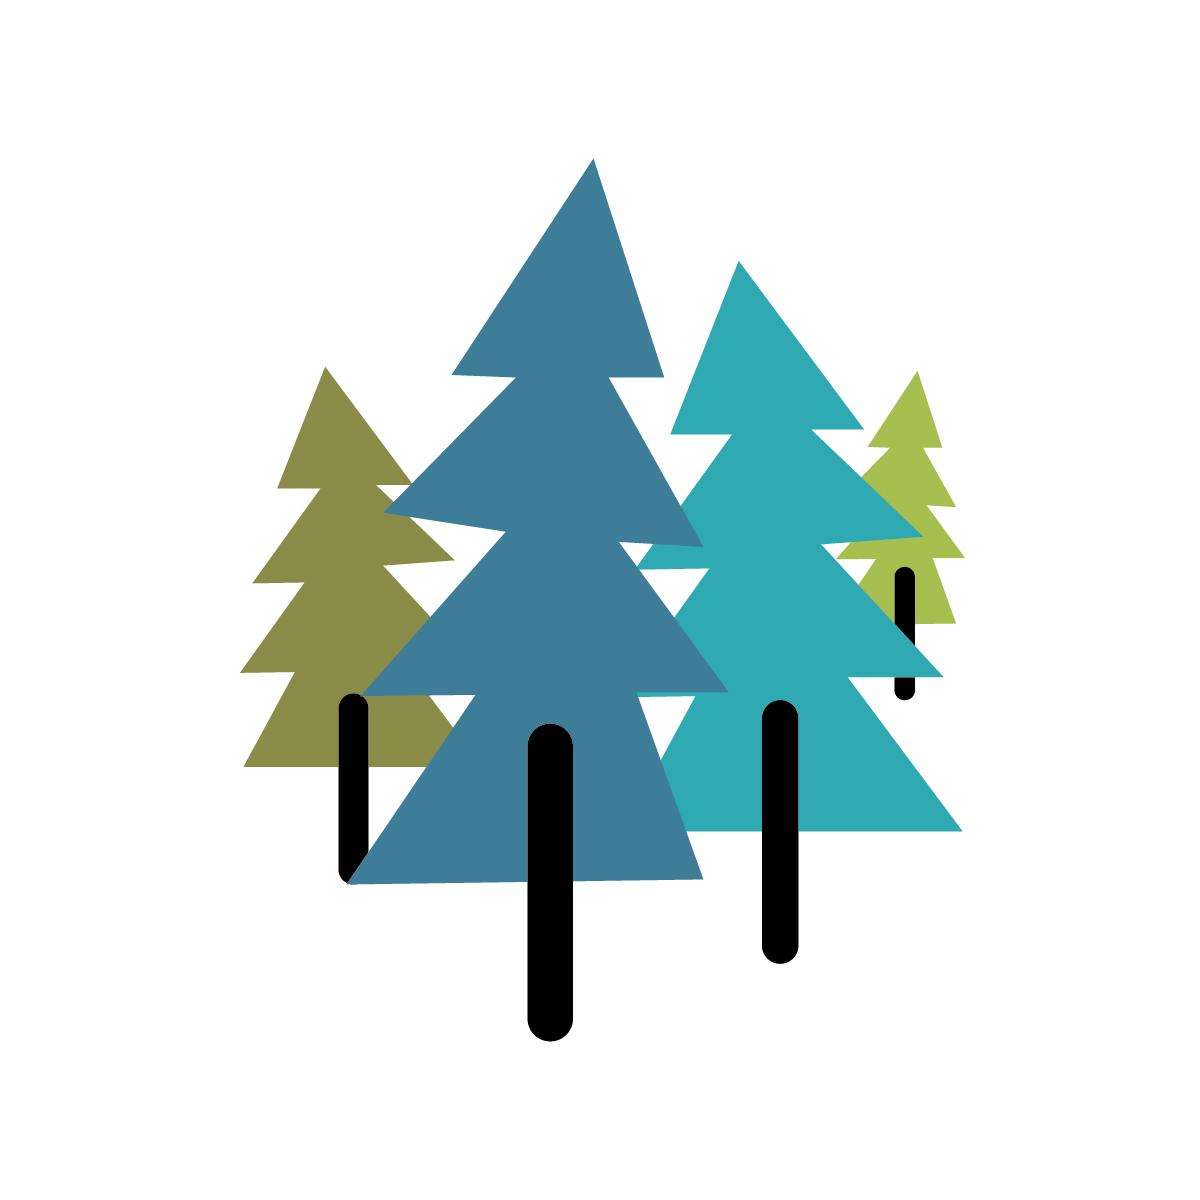 cc-logo_52.jpg